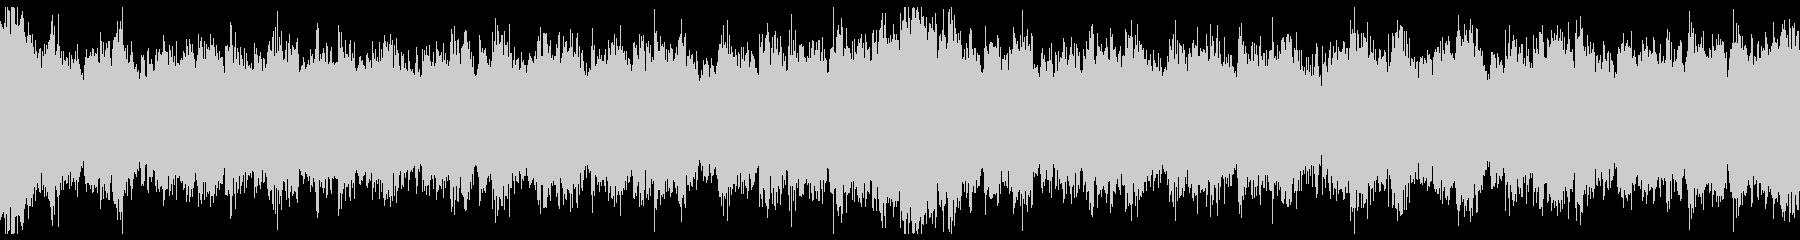 幻想的なピアノとストリングスの曲 ループの未再生の波形